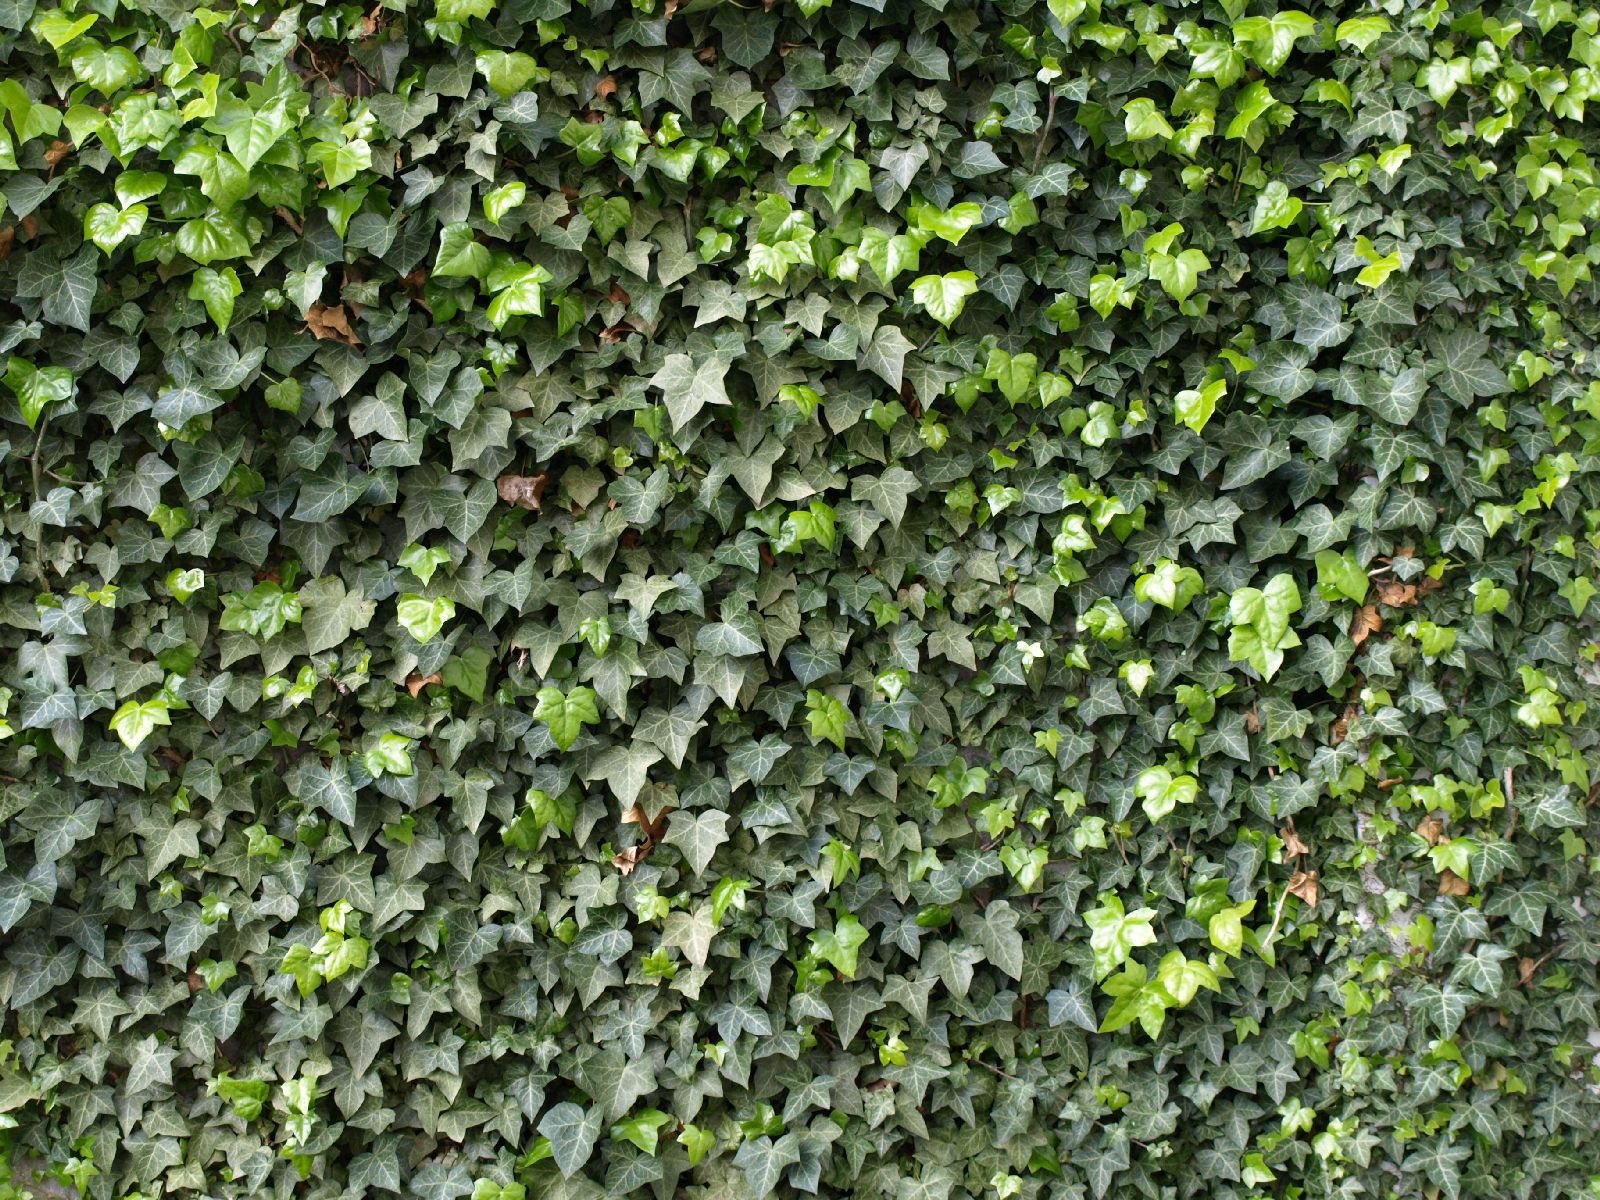 Pflanzen-Hecken-Foto_Textur_B_P4131129